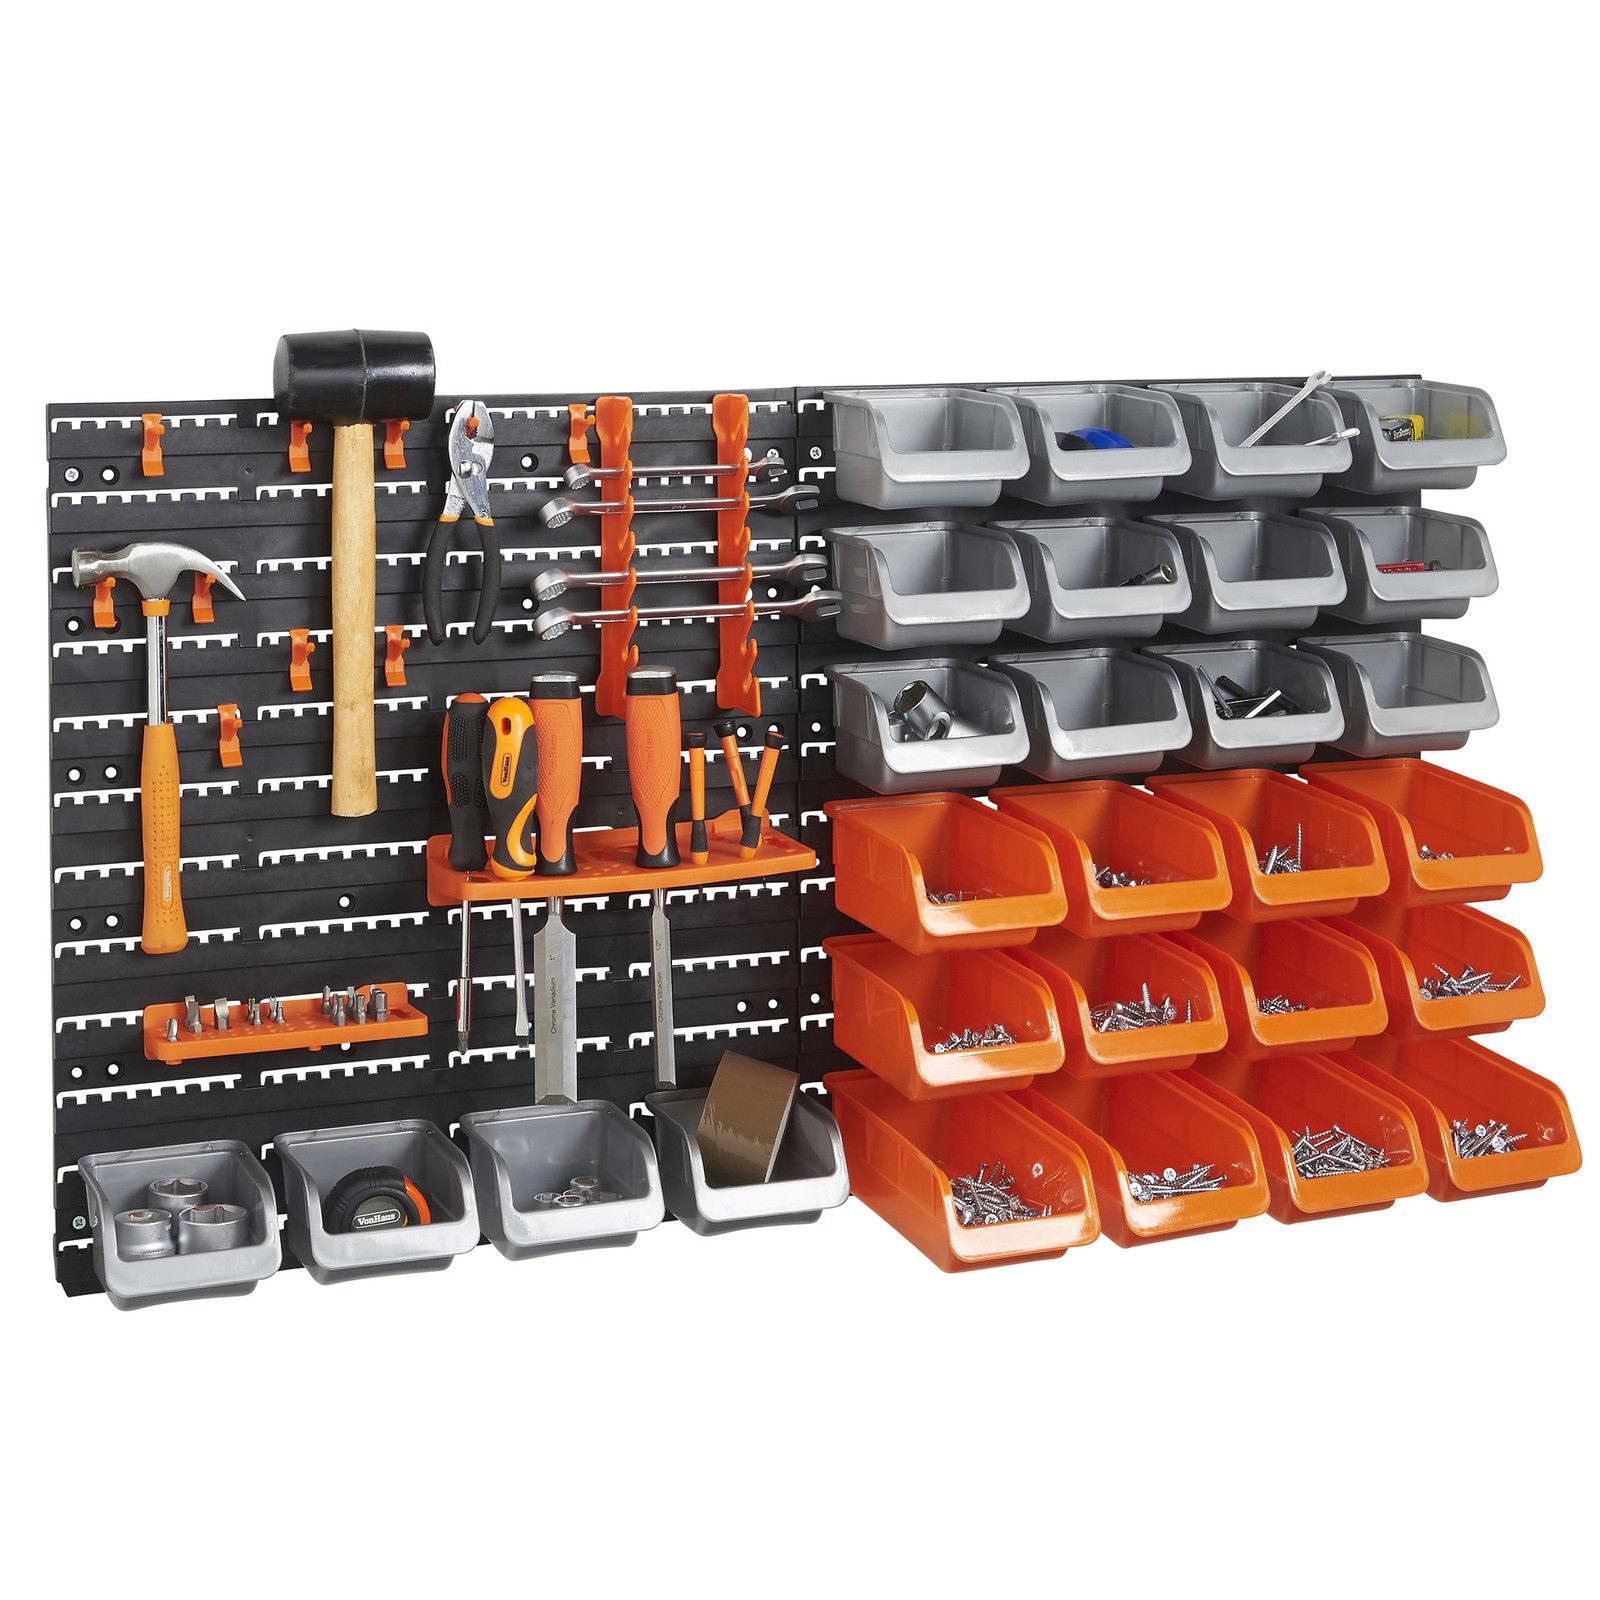 VonHaus 44pc Storage Bin & Hook Set £15.99 delivered + 2 Year Guarantee @ Domu eBay